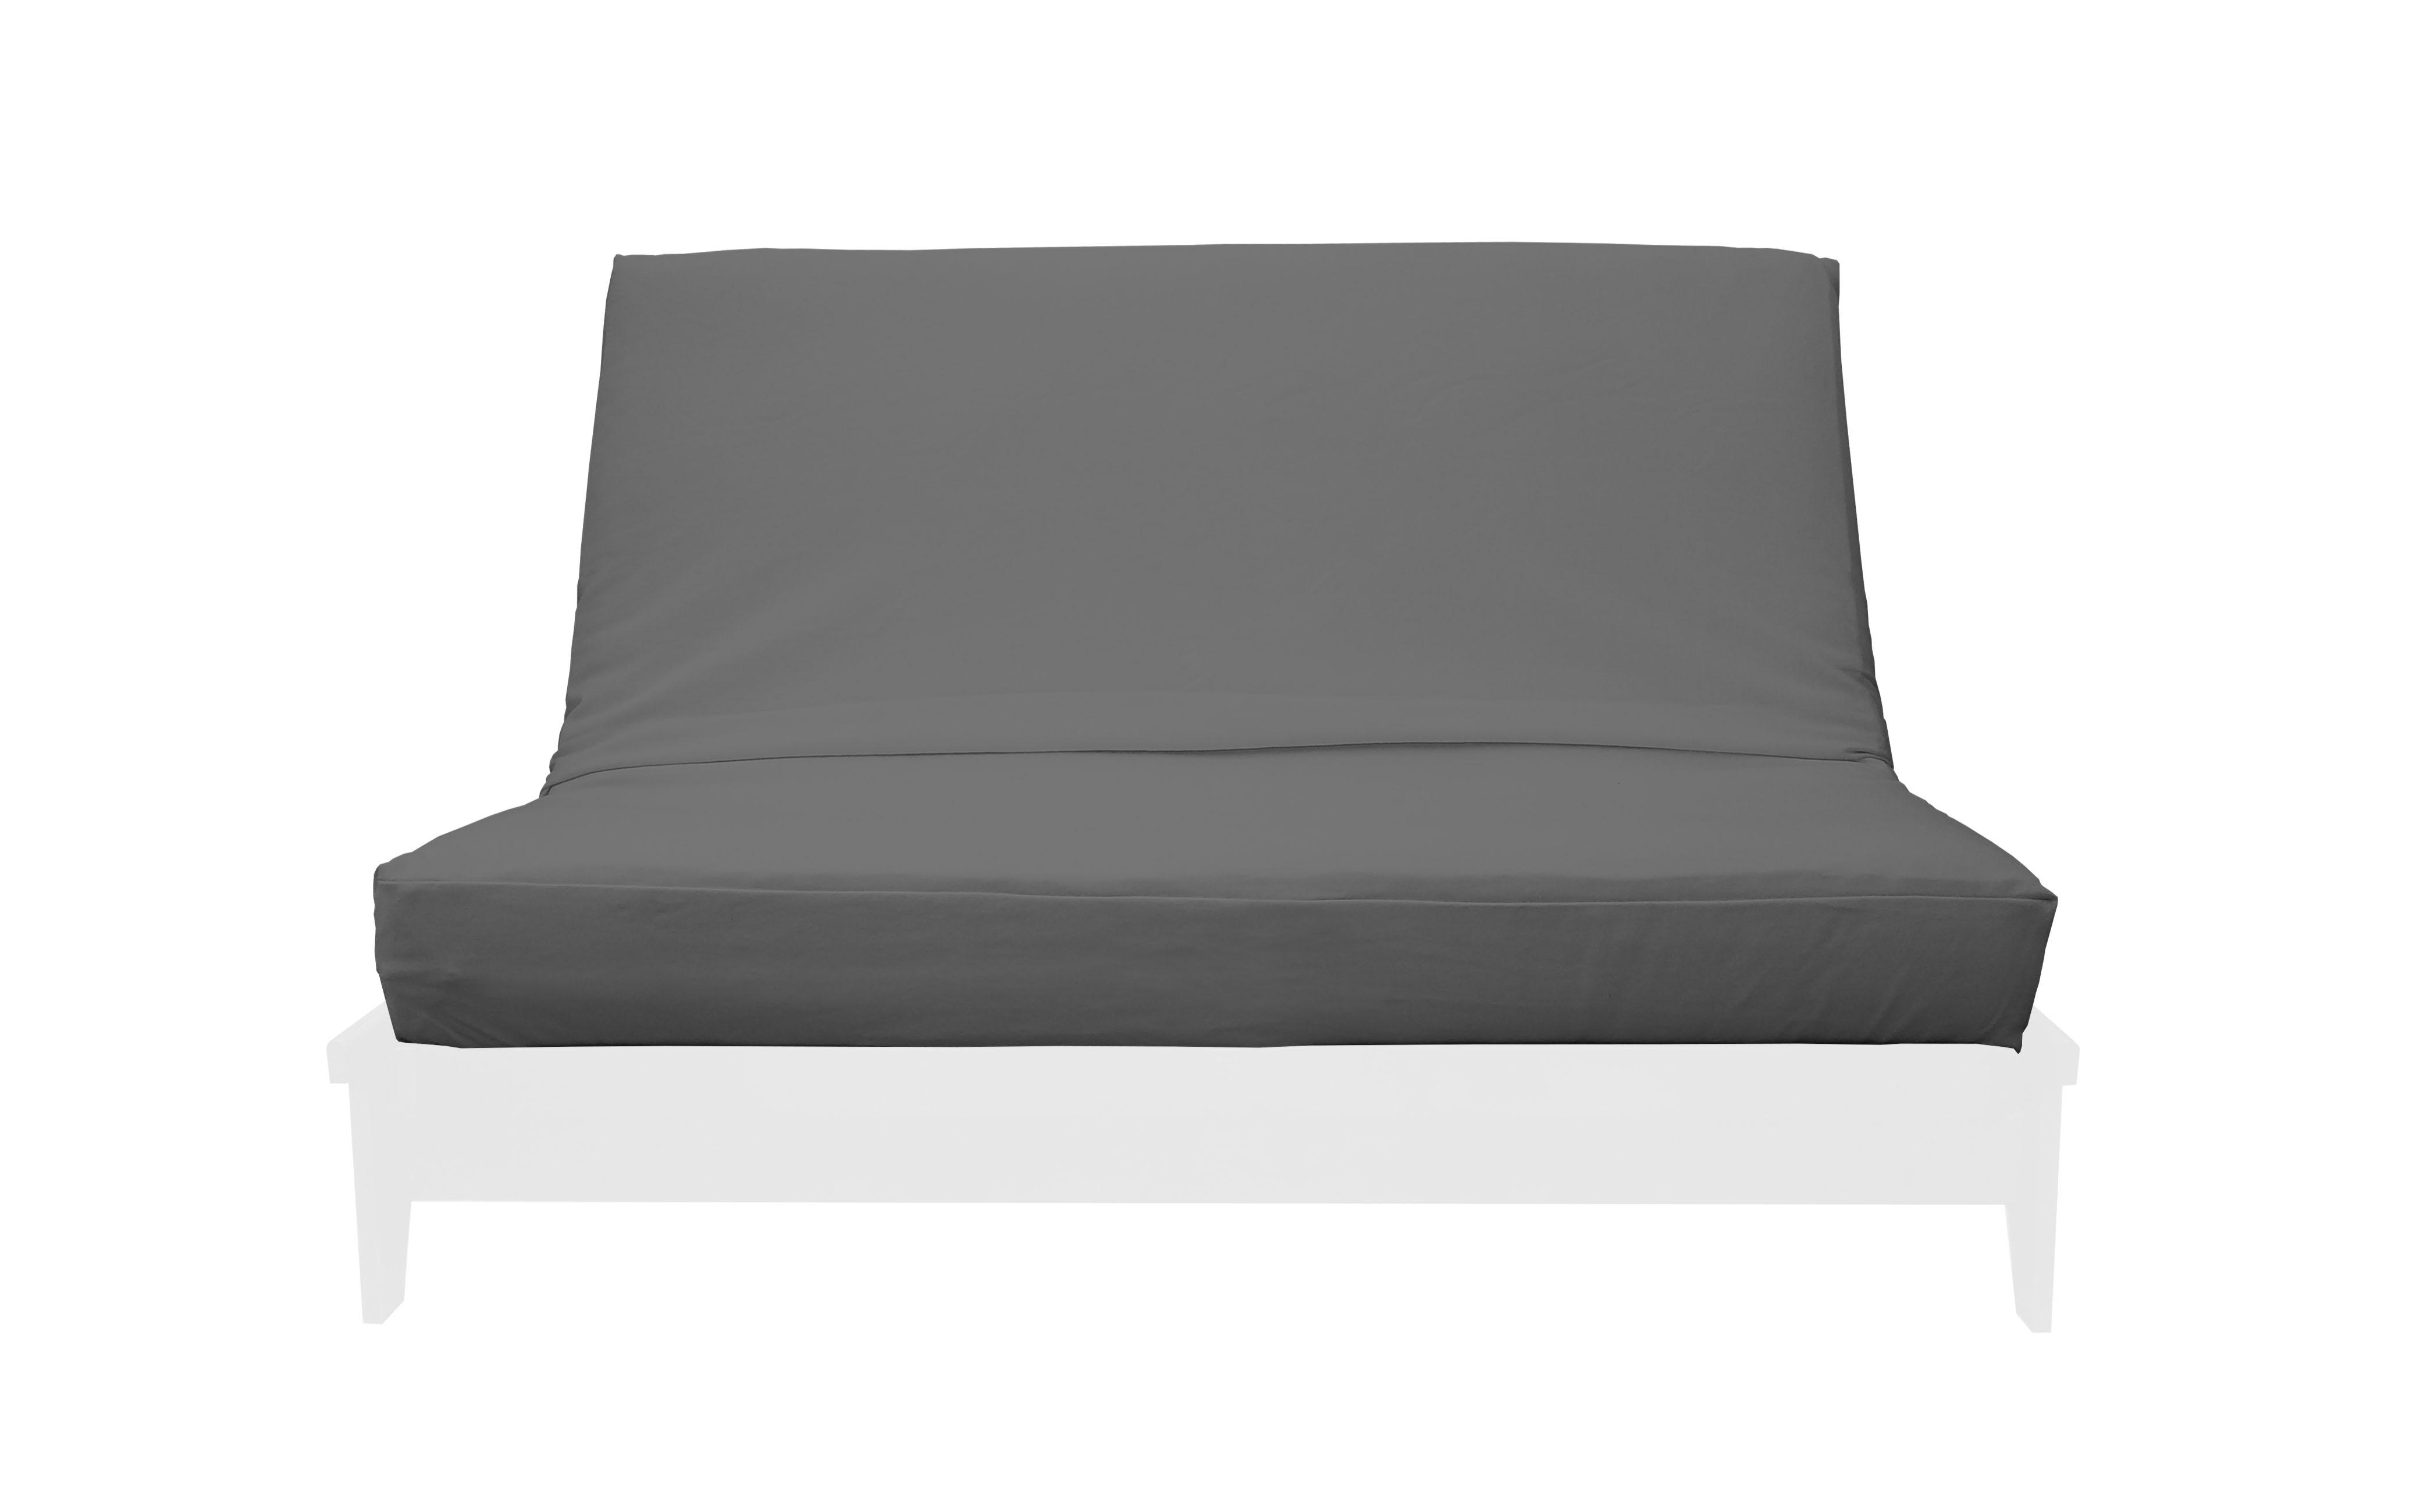 Premium Solid Gray Futon Cover By Prestige